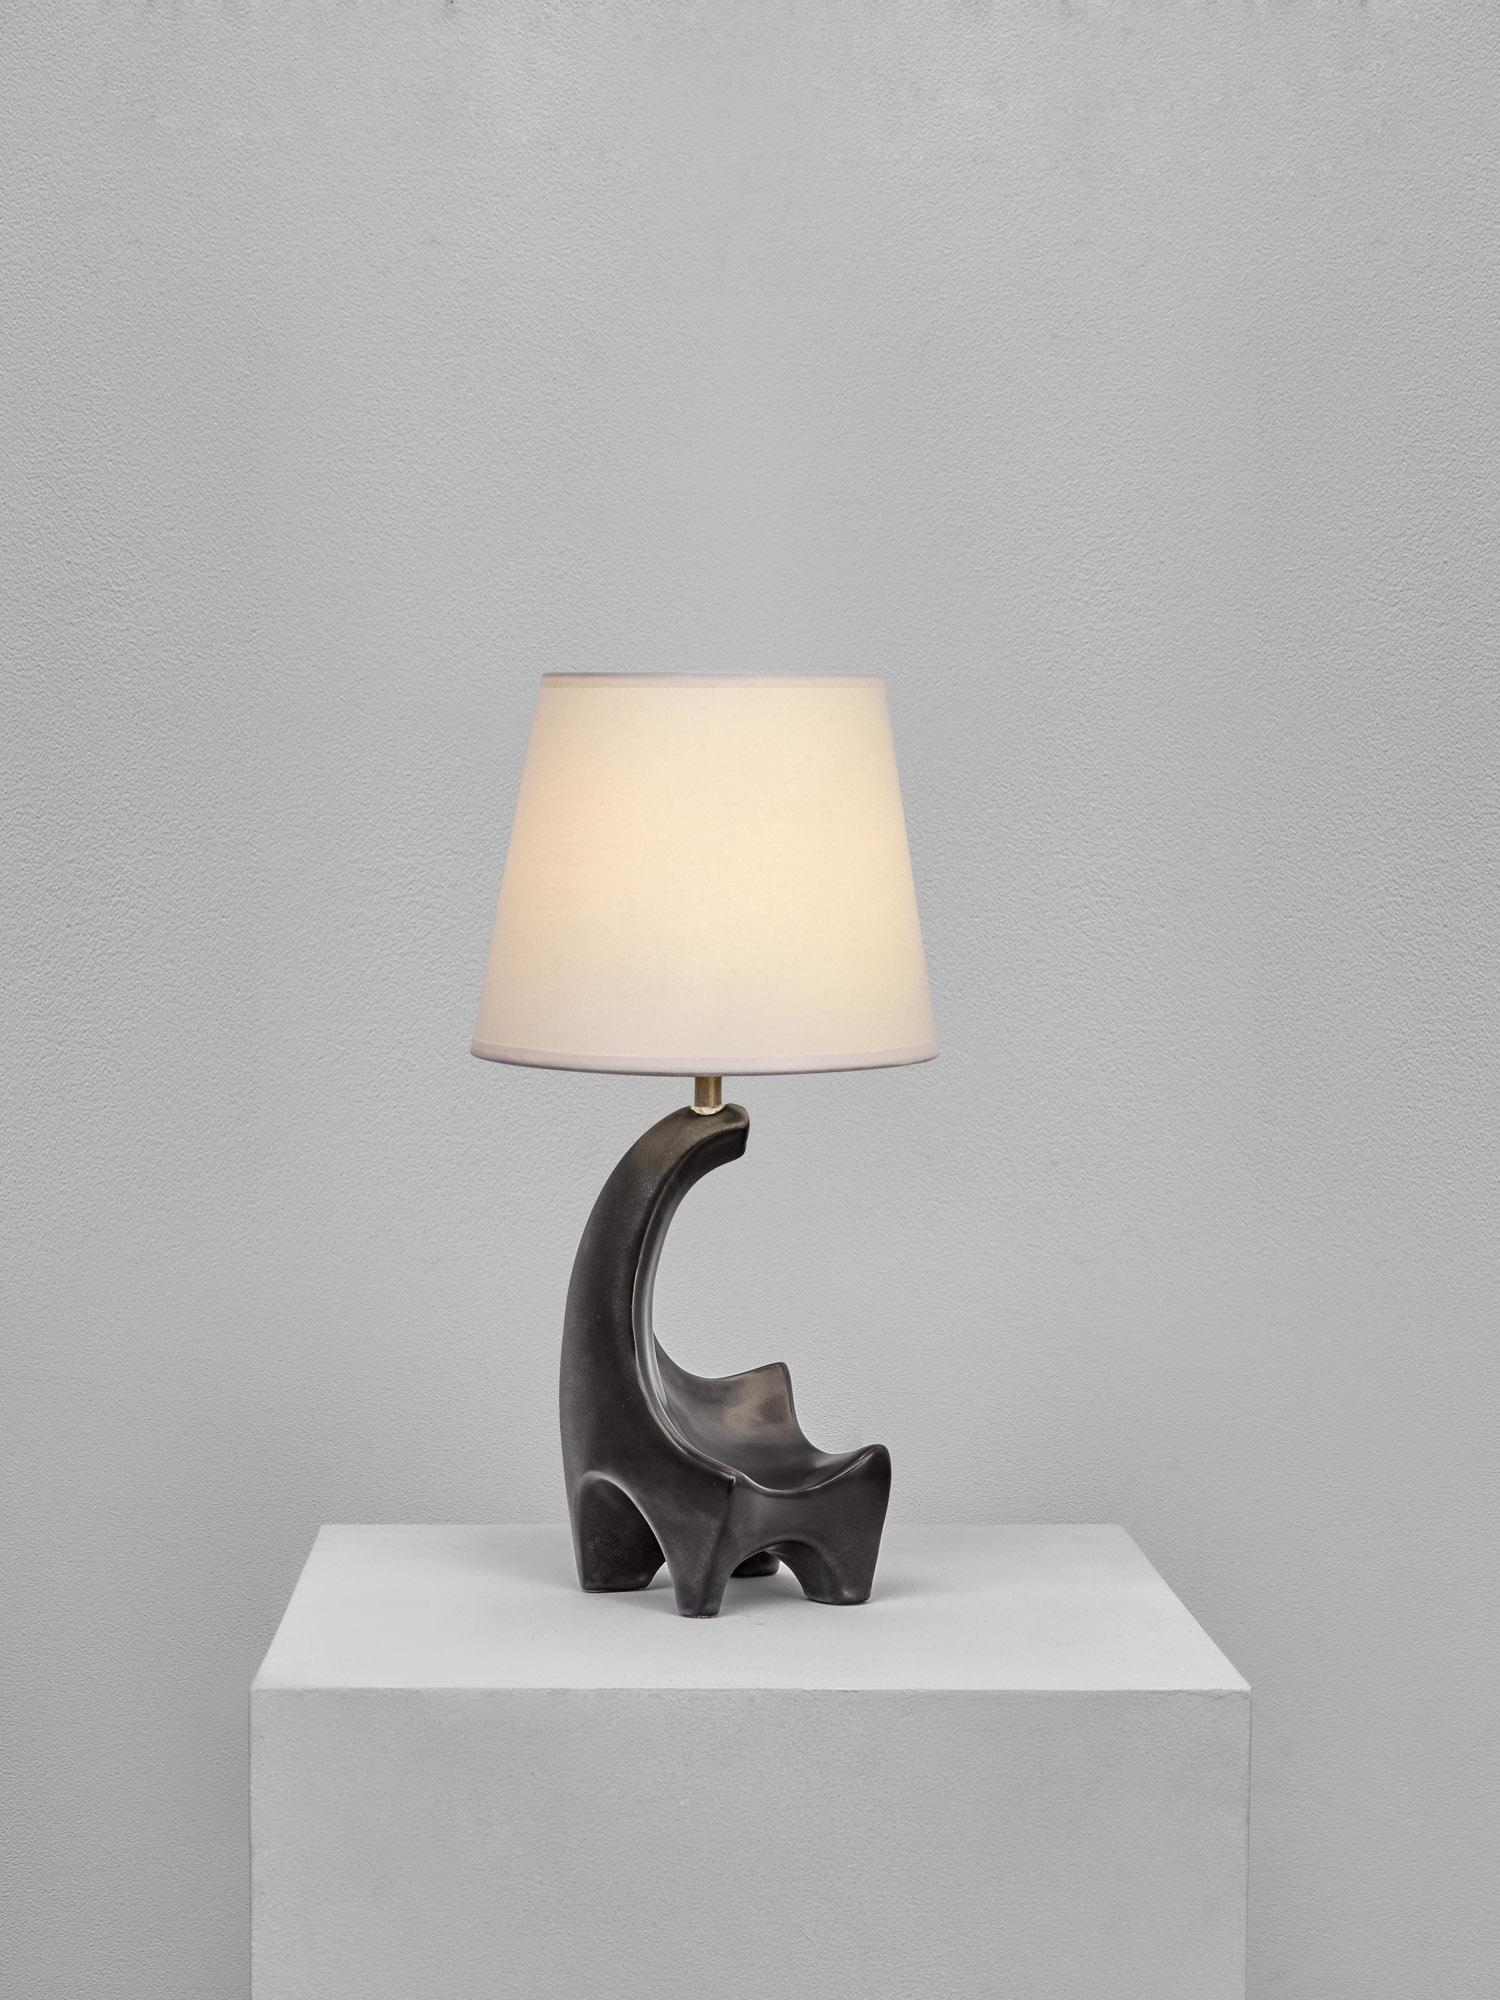 Georges Jouve, Lampe zoomorphe, vue 02